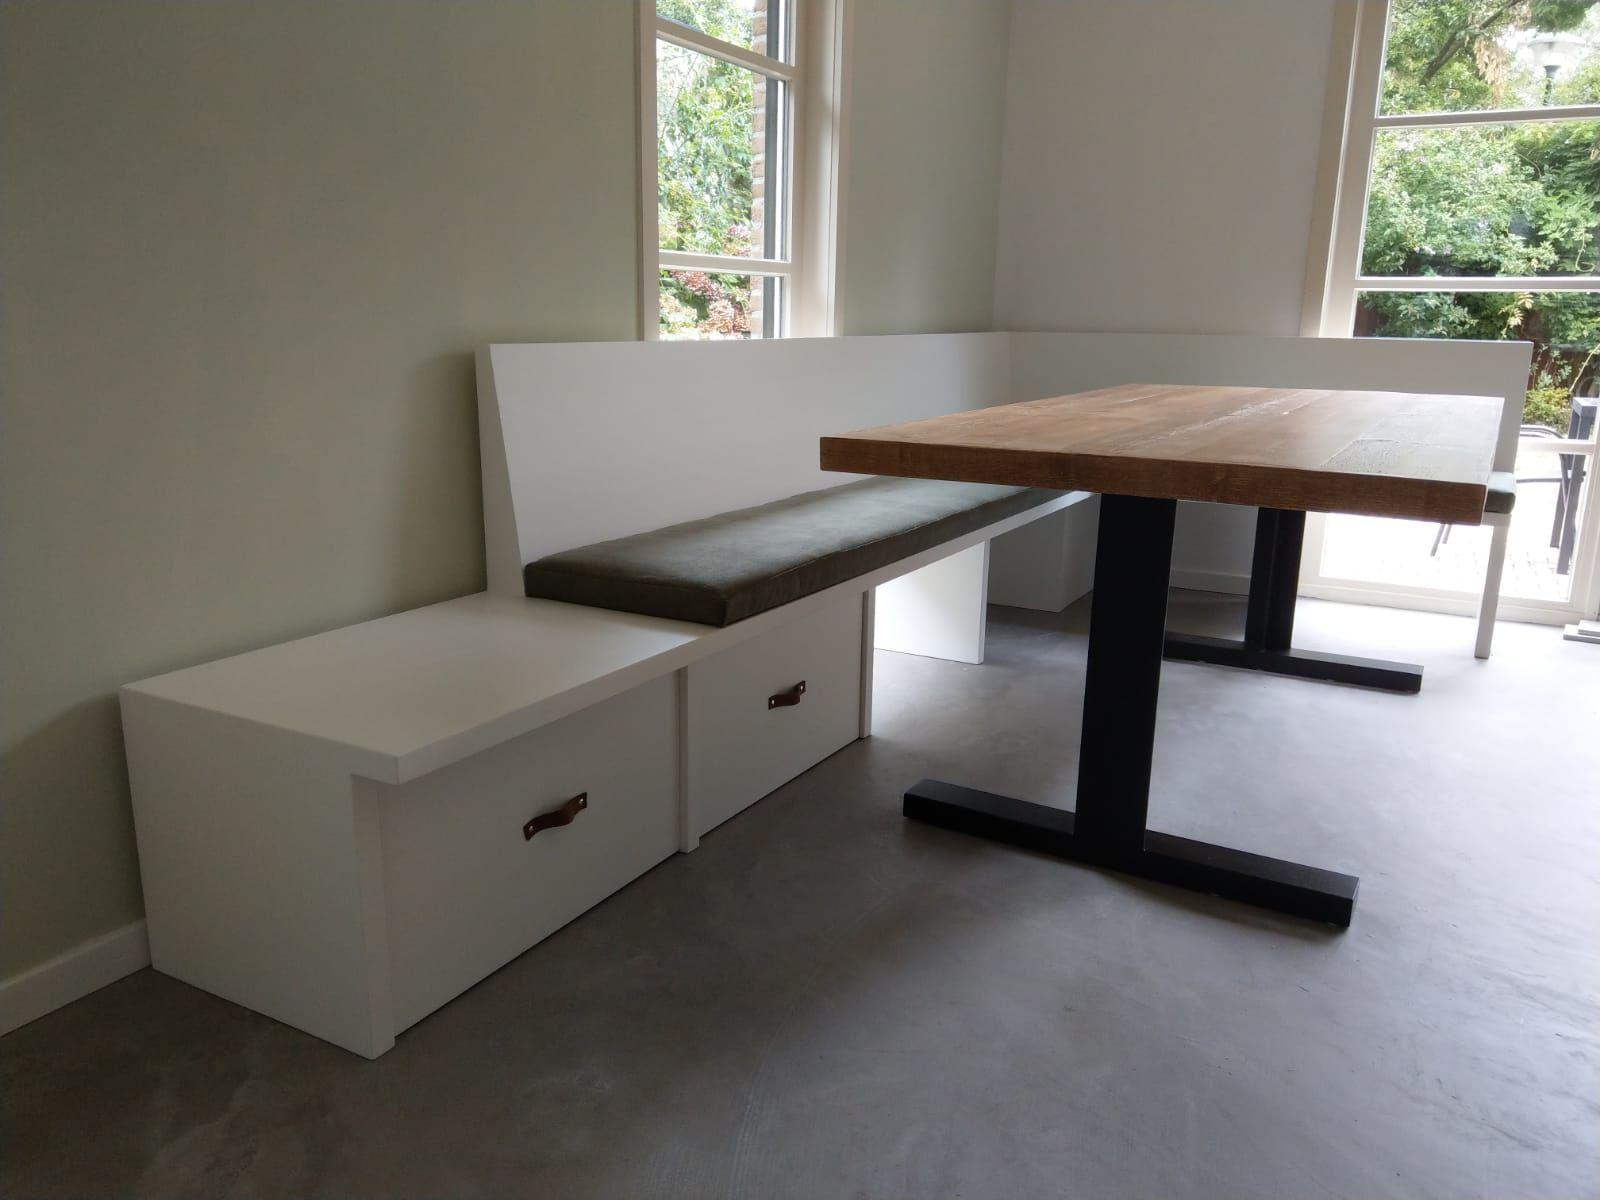 Tafel Met Opbergruimte : Torsby eetbank met opbergruimte en in hoek opstelling. deze bank en